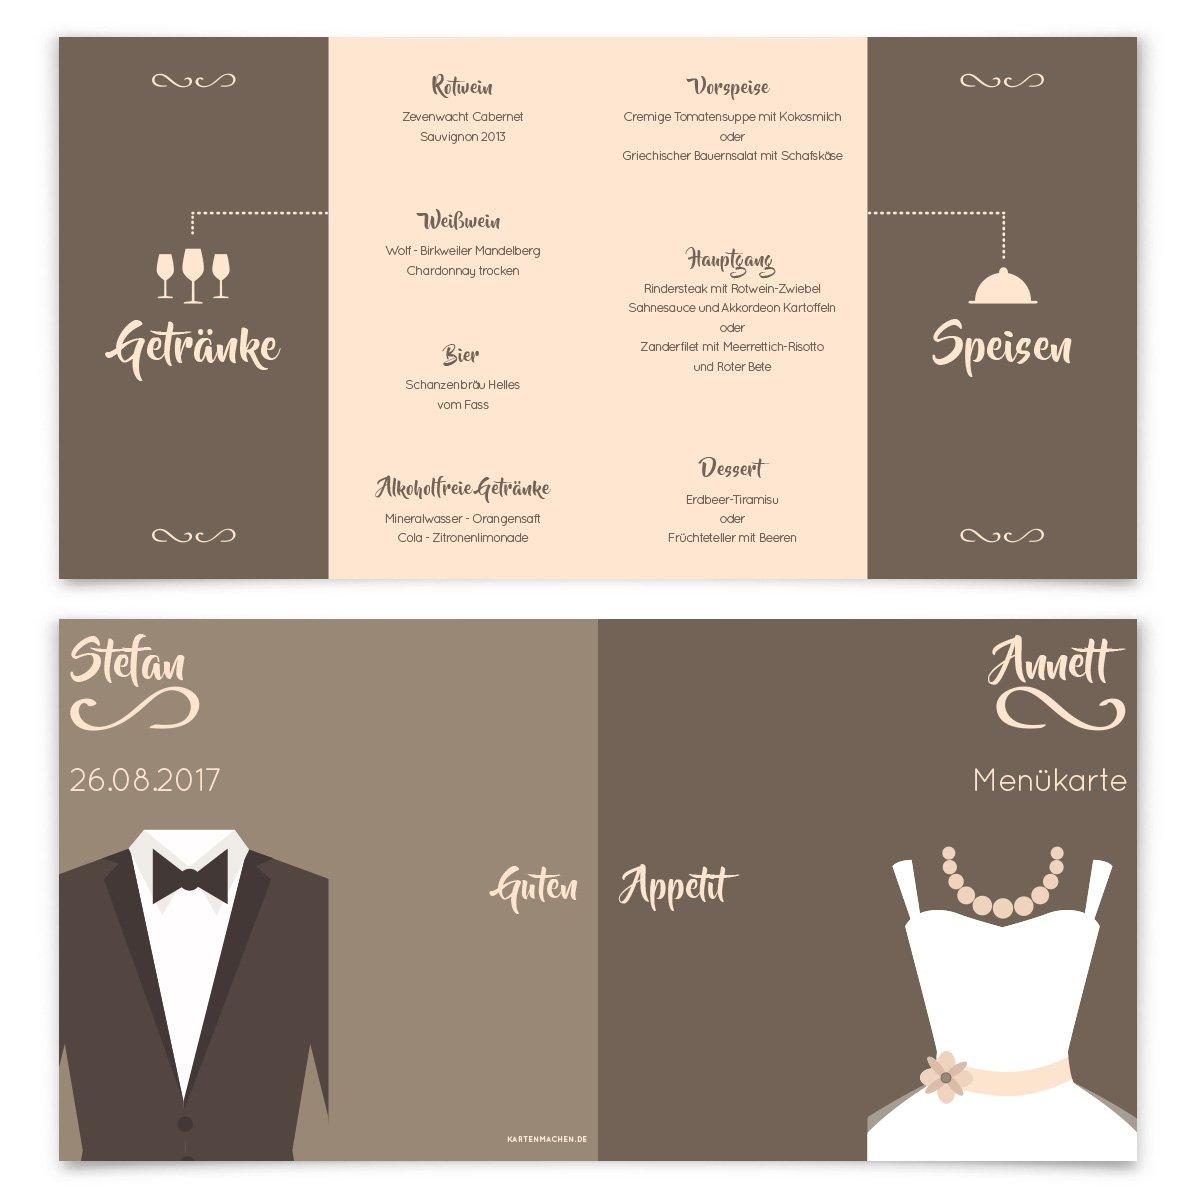 Menükarten Hochzeit (60 Stück) - Braut und und und Bräutigam Altarfalz in Braun - Speisekarte B01NCETKCU | Billig  | Vorzüglich  | Für Ihre Wahl  e4b90a